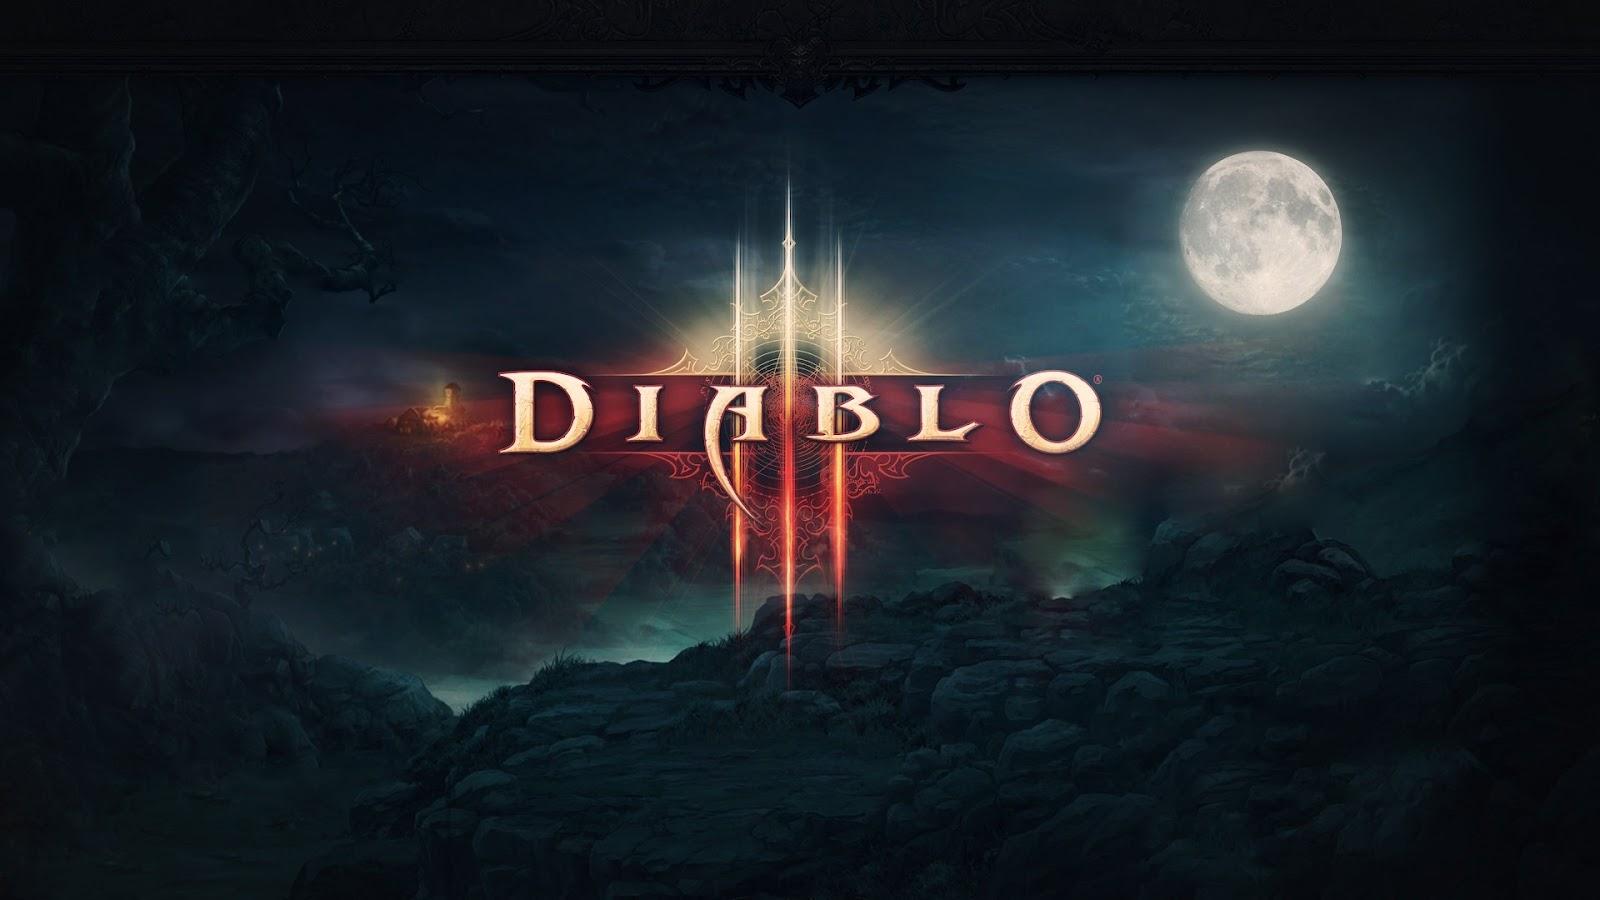 Diablo 3 Hd Wallpaper Best Wallpaper